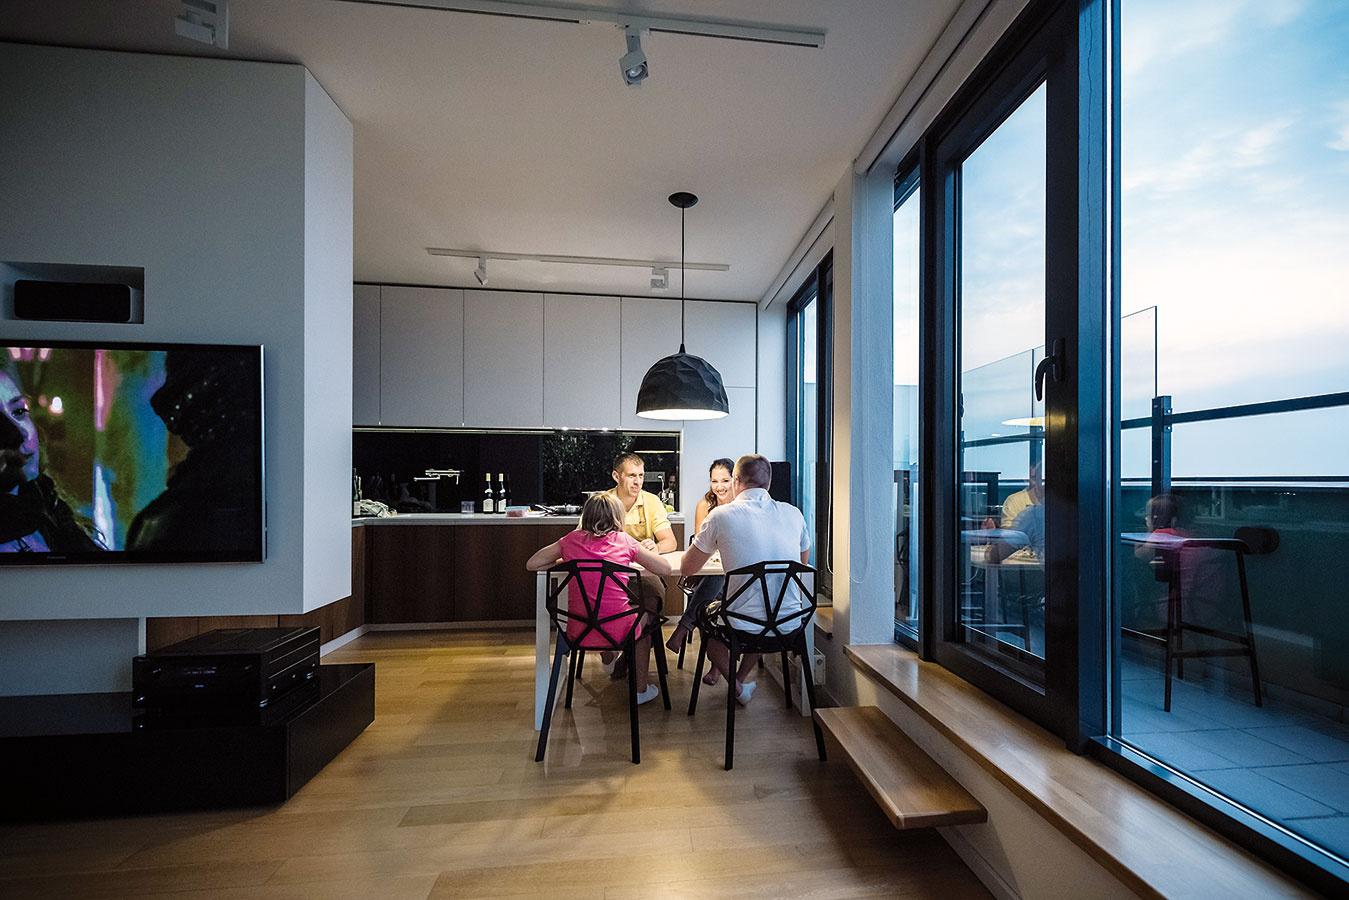 Jedálenský stôl medzi kuchyňou aobývačkou sa spolu stelevíznou skrinkou podieľa na vytvorení hranice medzi dvoma zónami denného priestoru. Biely stôl dopĺňa čierna lampa ačierne stoličky, ktoré možno využiť aj vexteriéri.